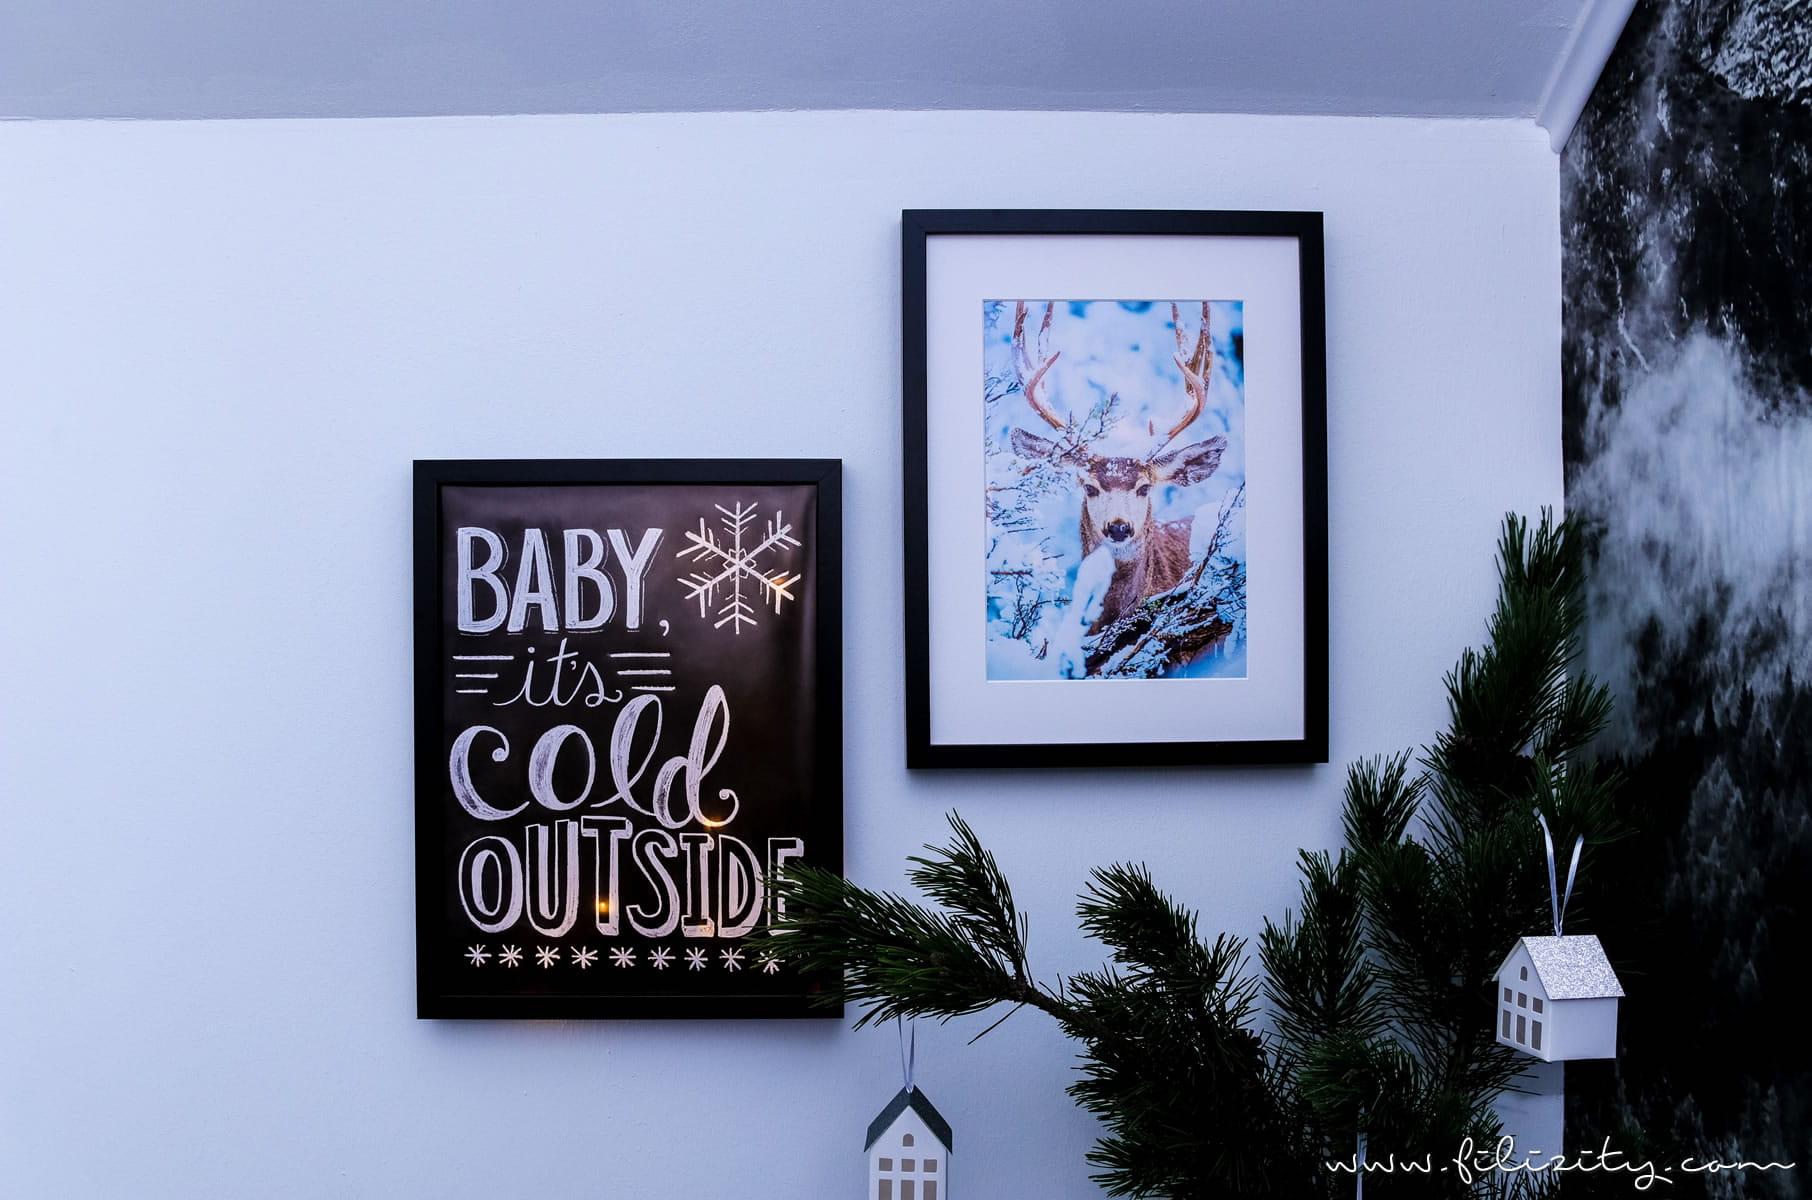 DIY Winterdeko: Hyggelig beleuchtete Poster selber machen mit Postern von Posterlounge | Filizity.com | DIY-Blog aus dem Rheinland #hygge #poster #winterdeko